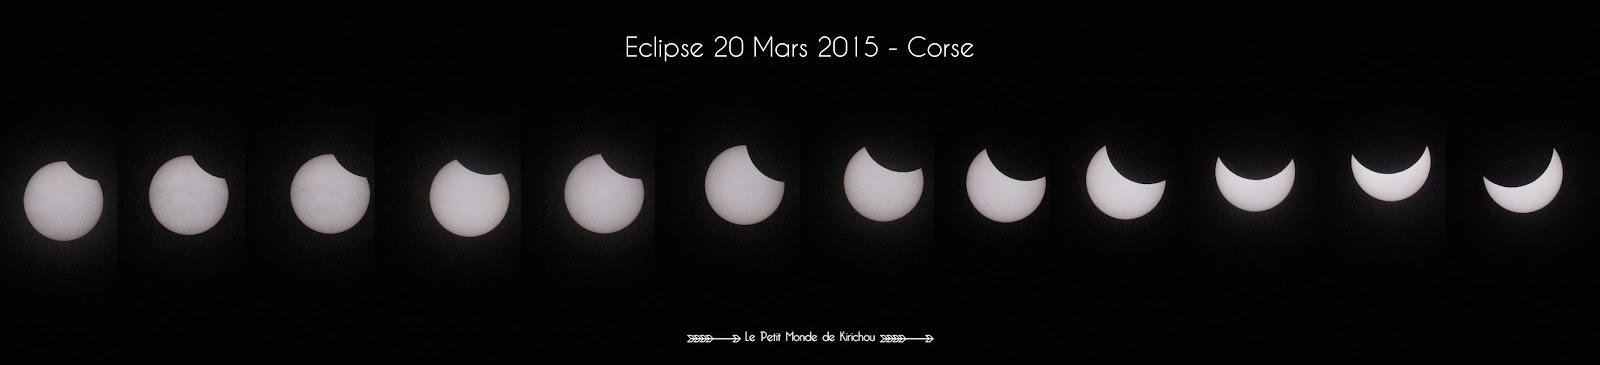 ECLIPSE_CORSE_MARS2015_BLOG_KIRICHOU